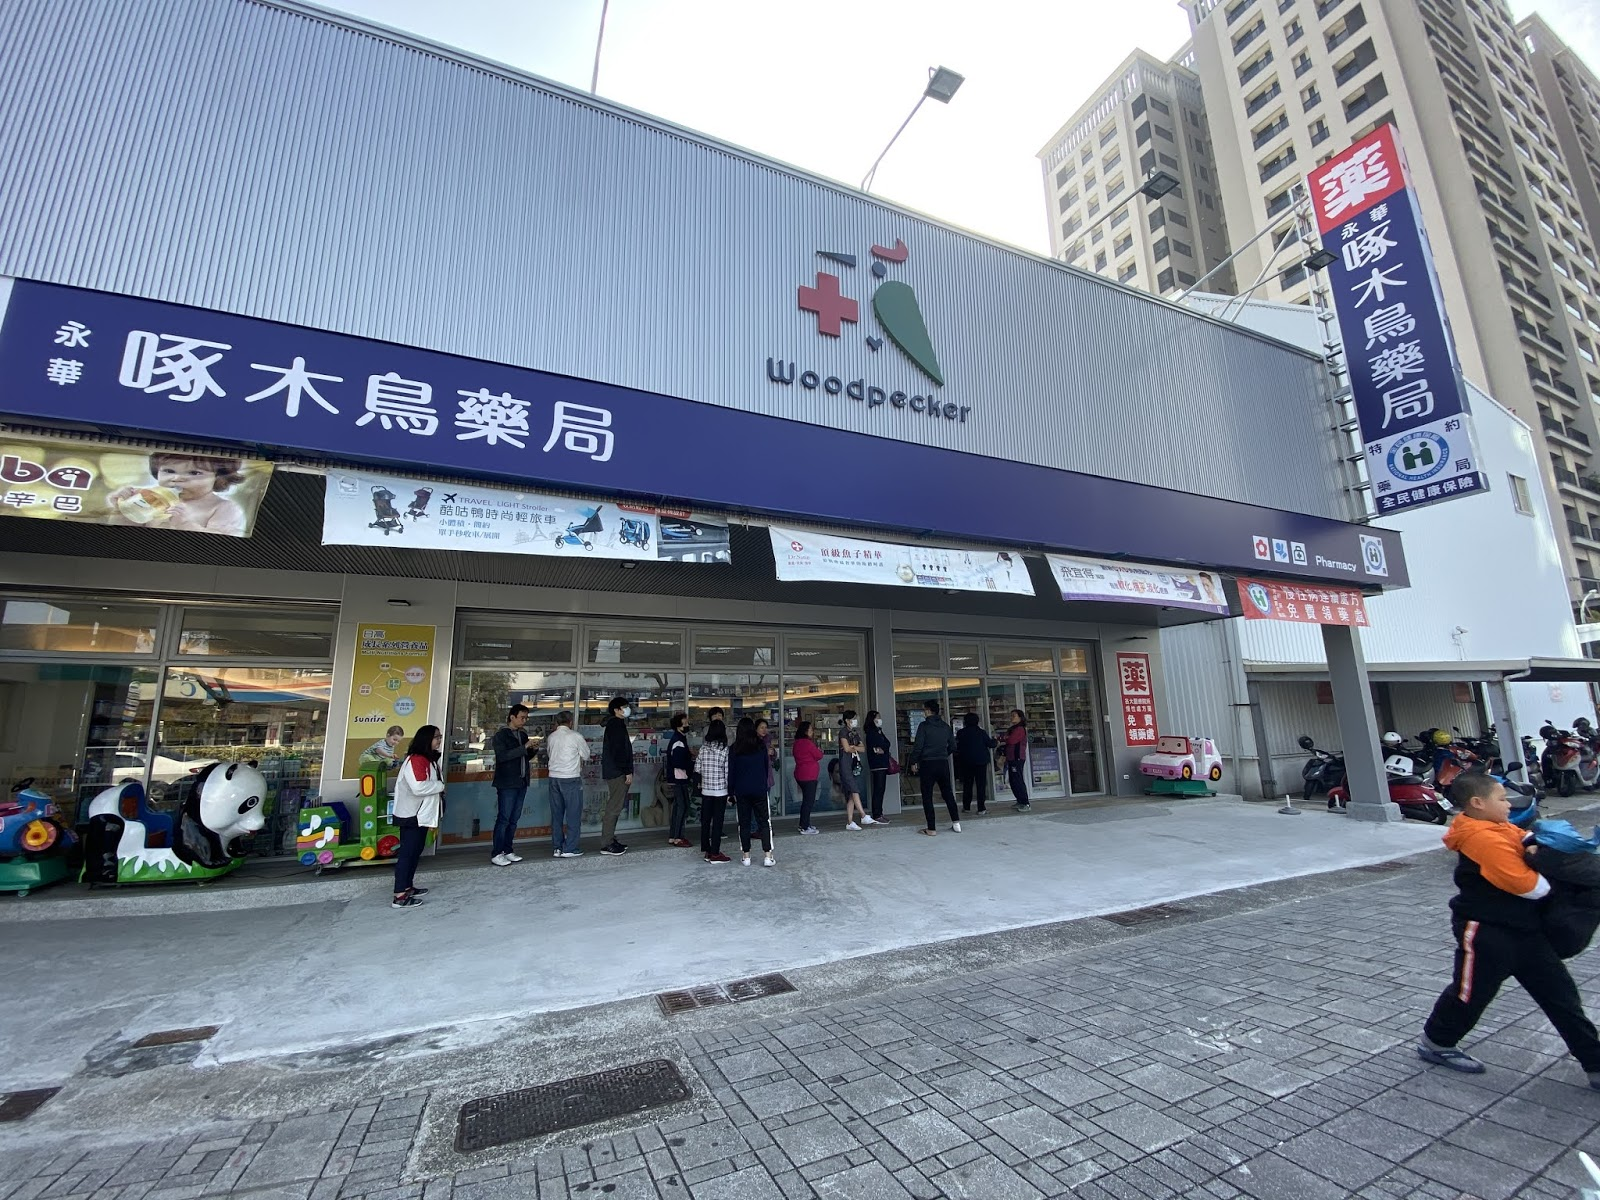 健保卡實名制購買口罩第一天 系統大當機,臺南民眾怨聲連連 部分藥局開放購買6元口罩